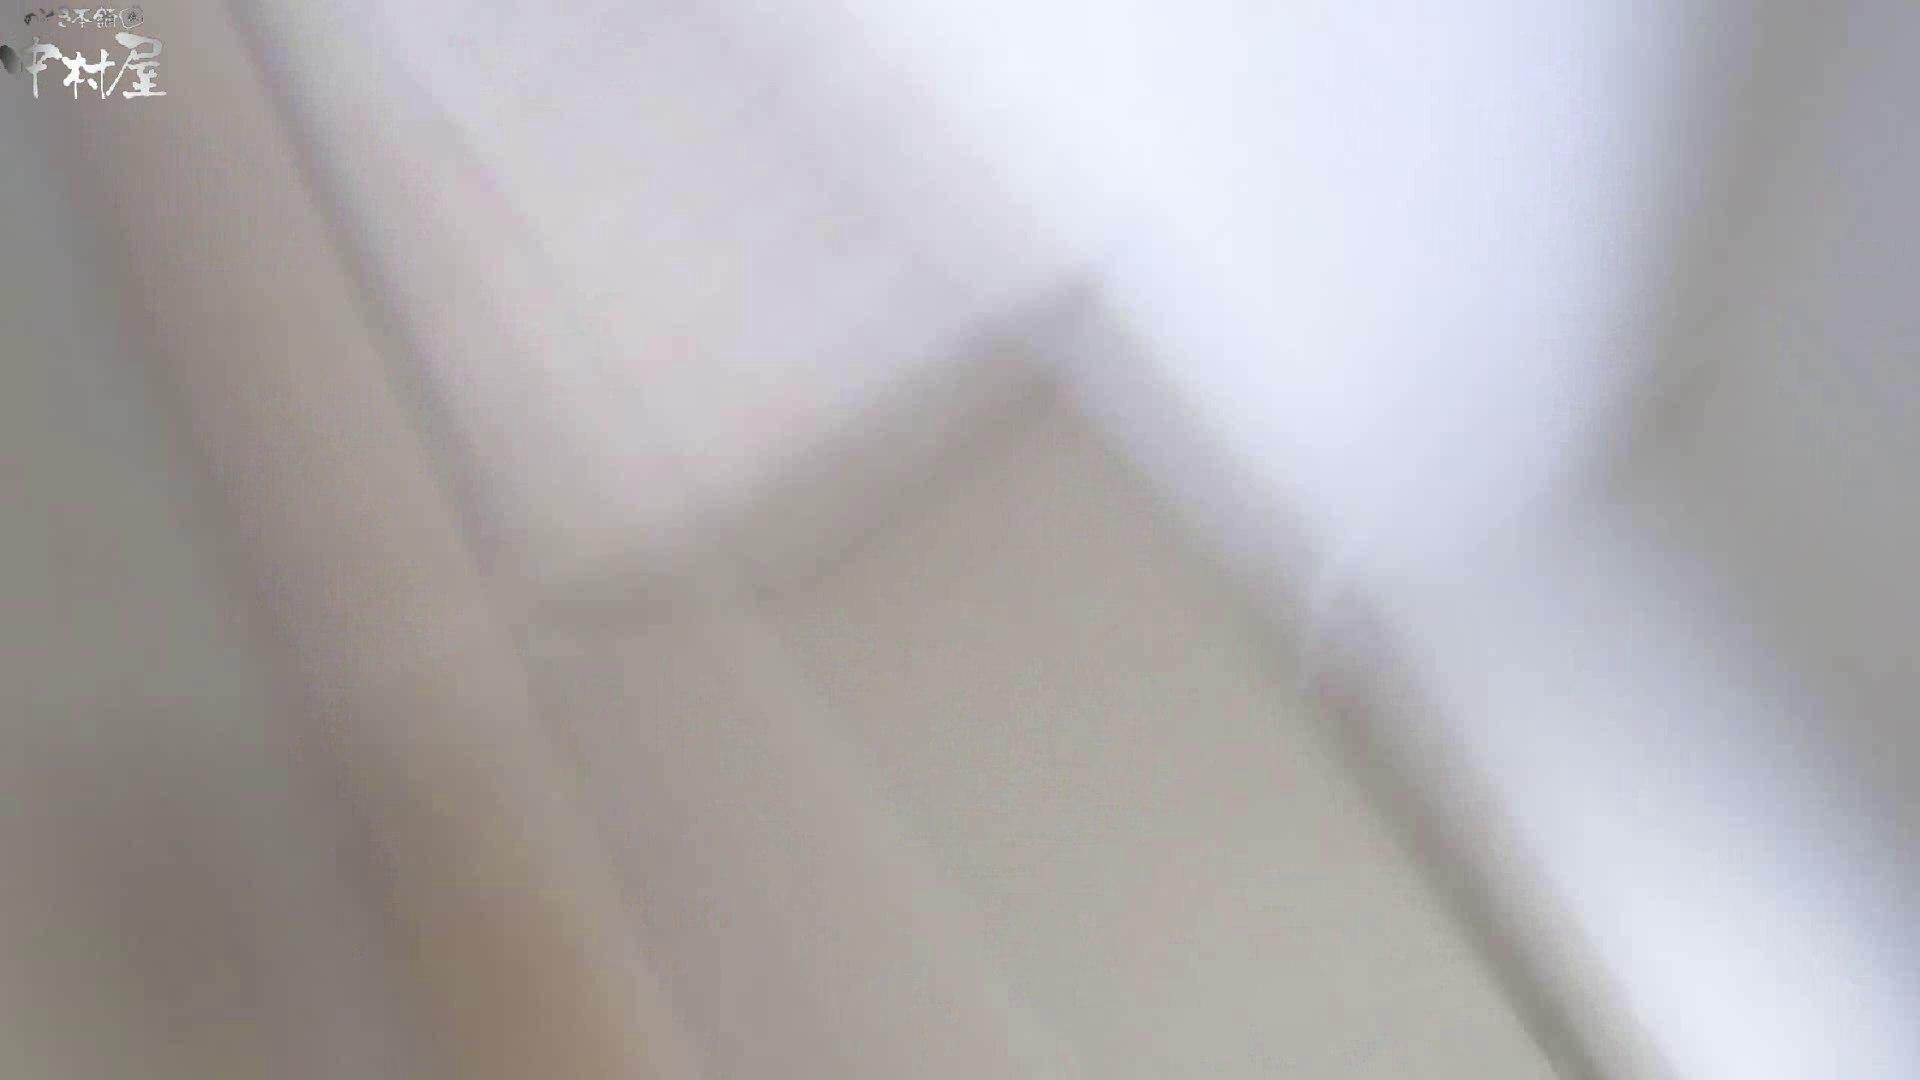 魂のかわや盗撮62連発! 上から顔も・・・ 29発目! 盗撮シリーズ | 黄金水  103PIX 27